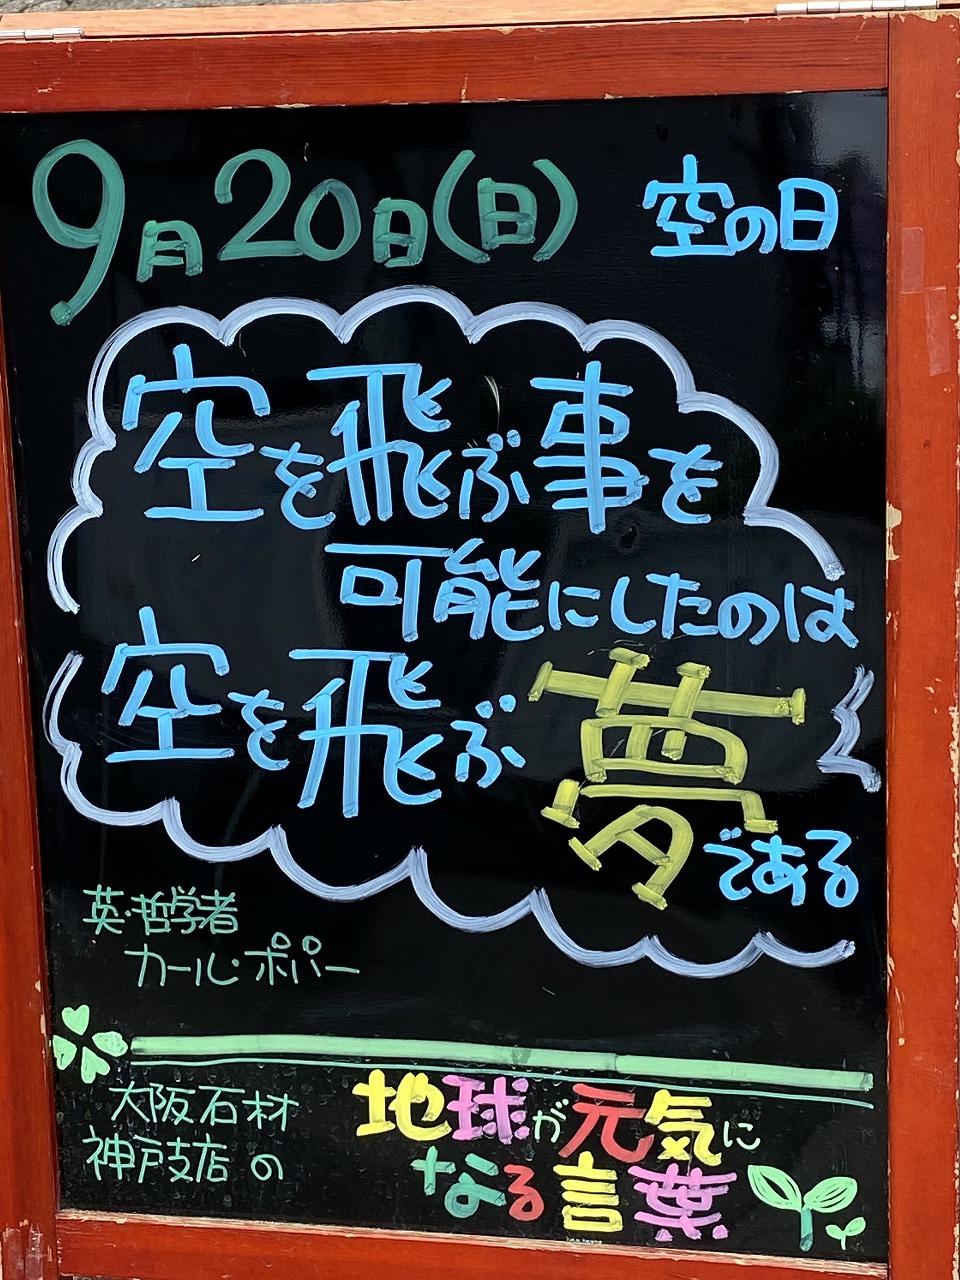 神戸市東灘区御影塚町にある石のお店 大阪石材神戸支店の店舗前にあるブラックボードのPOP「地球が元気になる言葉」9/20